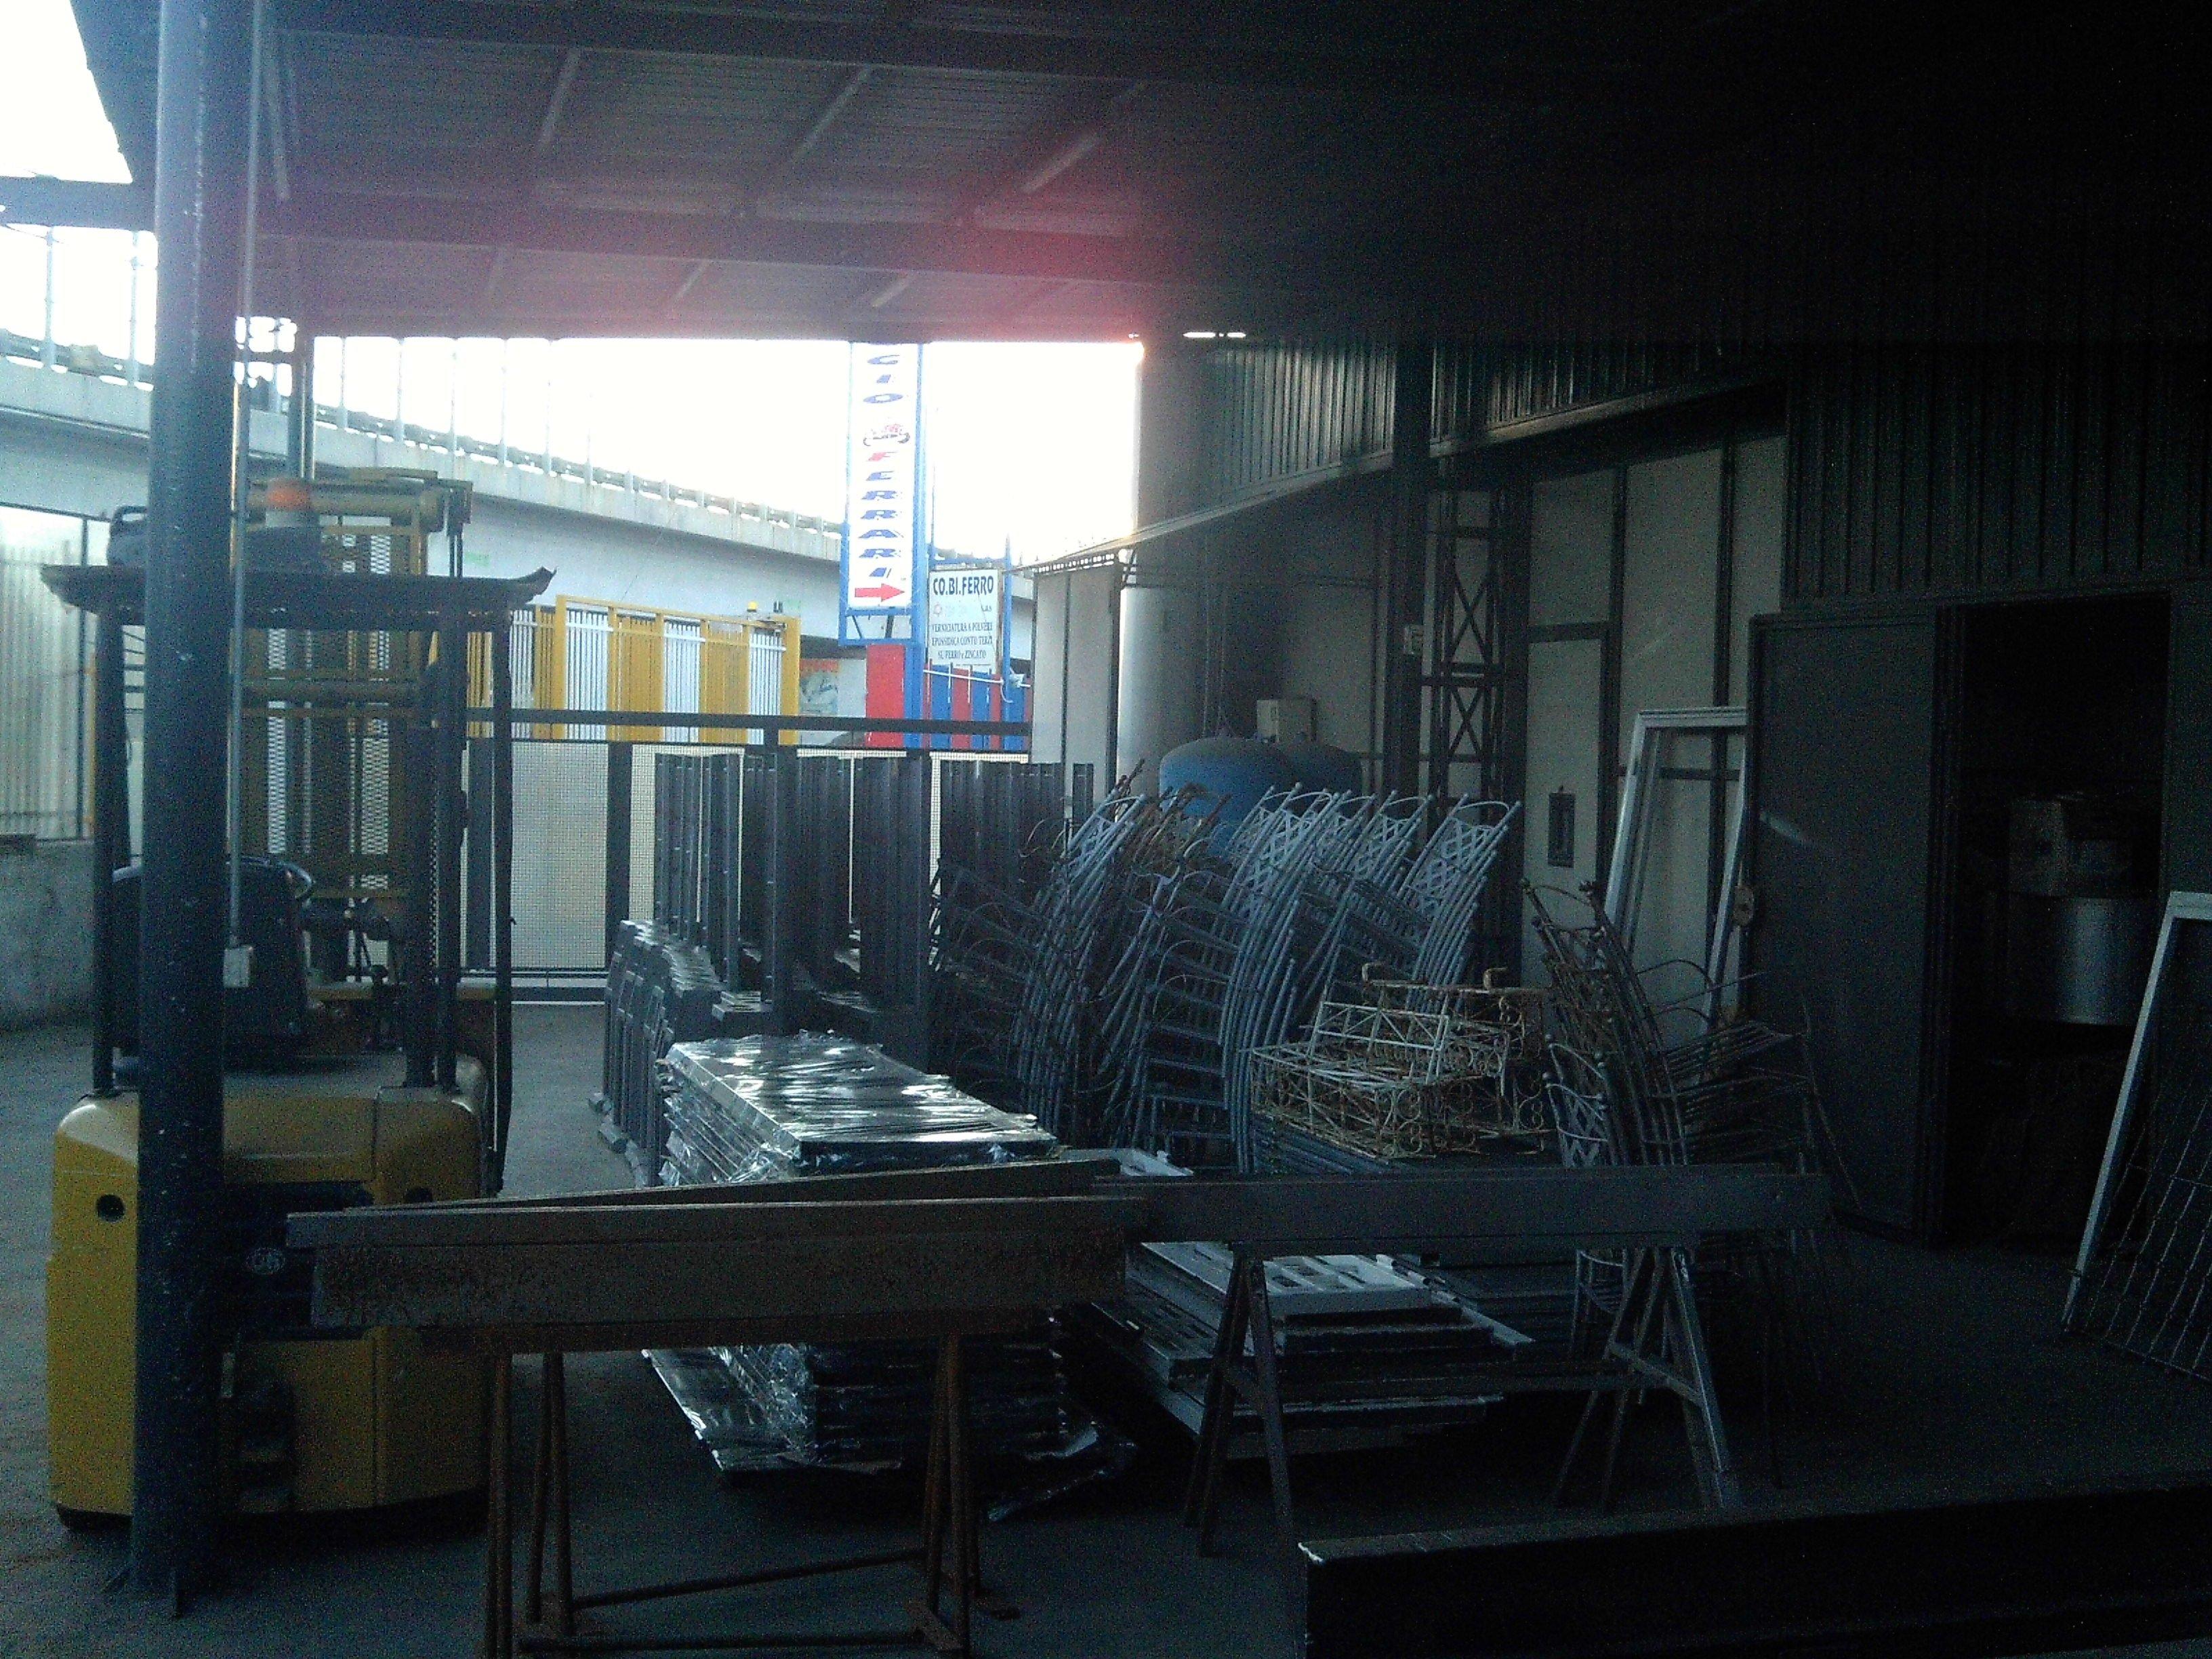 materiali in ferro nel magazzino - Verniciatura industriale - Napoli